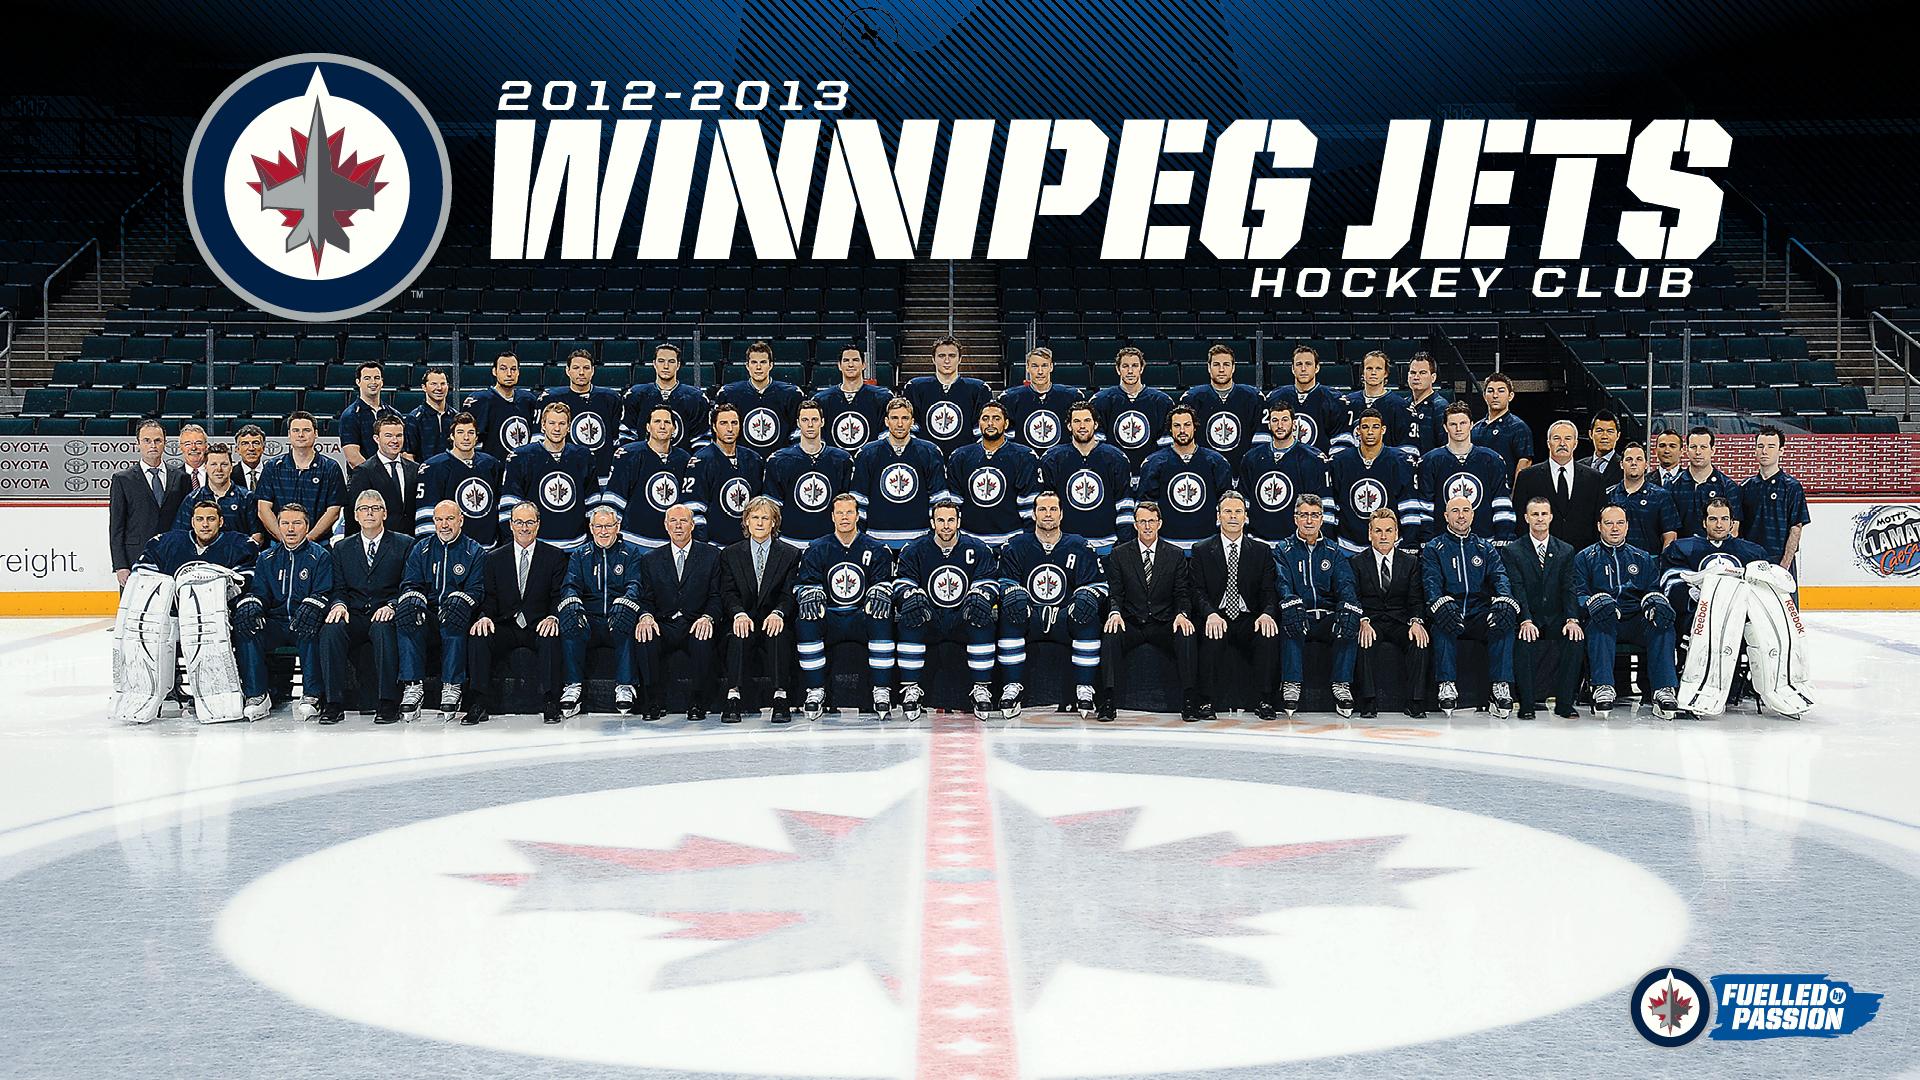 Winnipeg Jets Wallpaper Hd wallpaper   837503 1920x1080